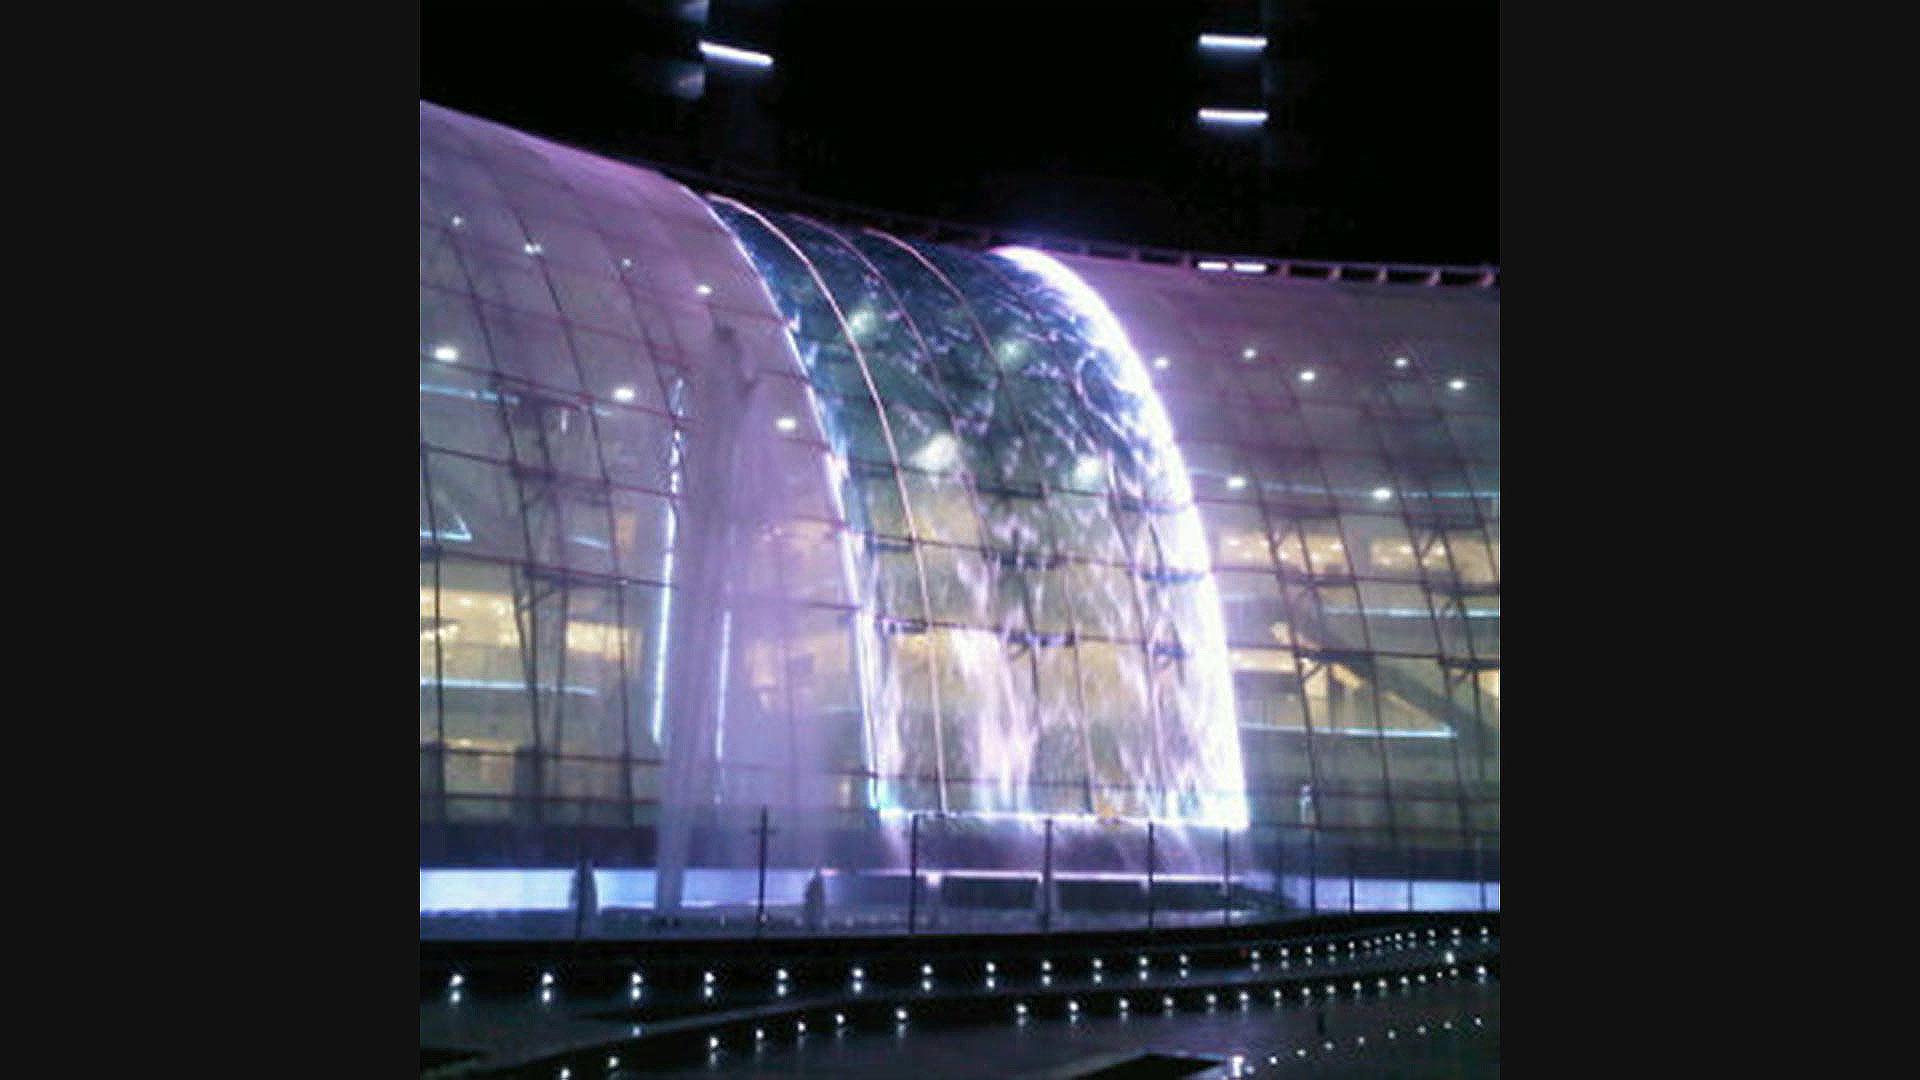 Al Safat Tower / Waterfall Mall